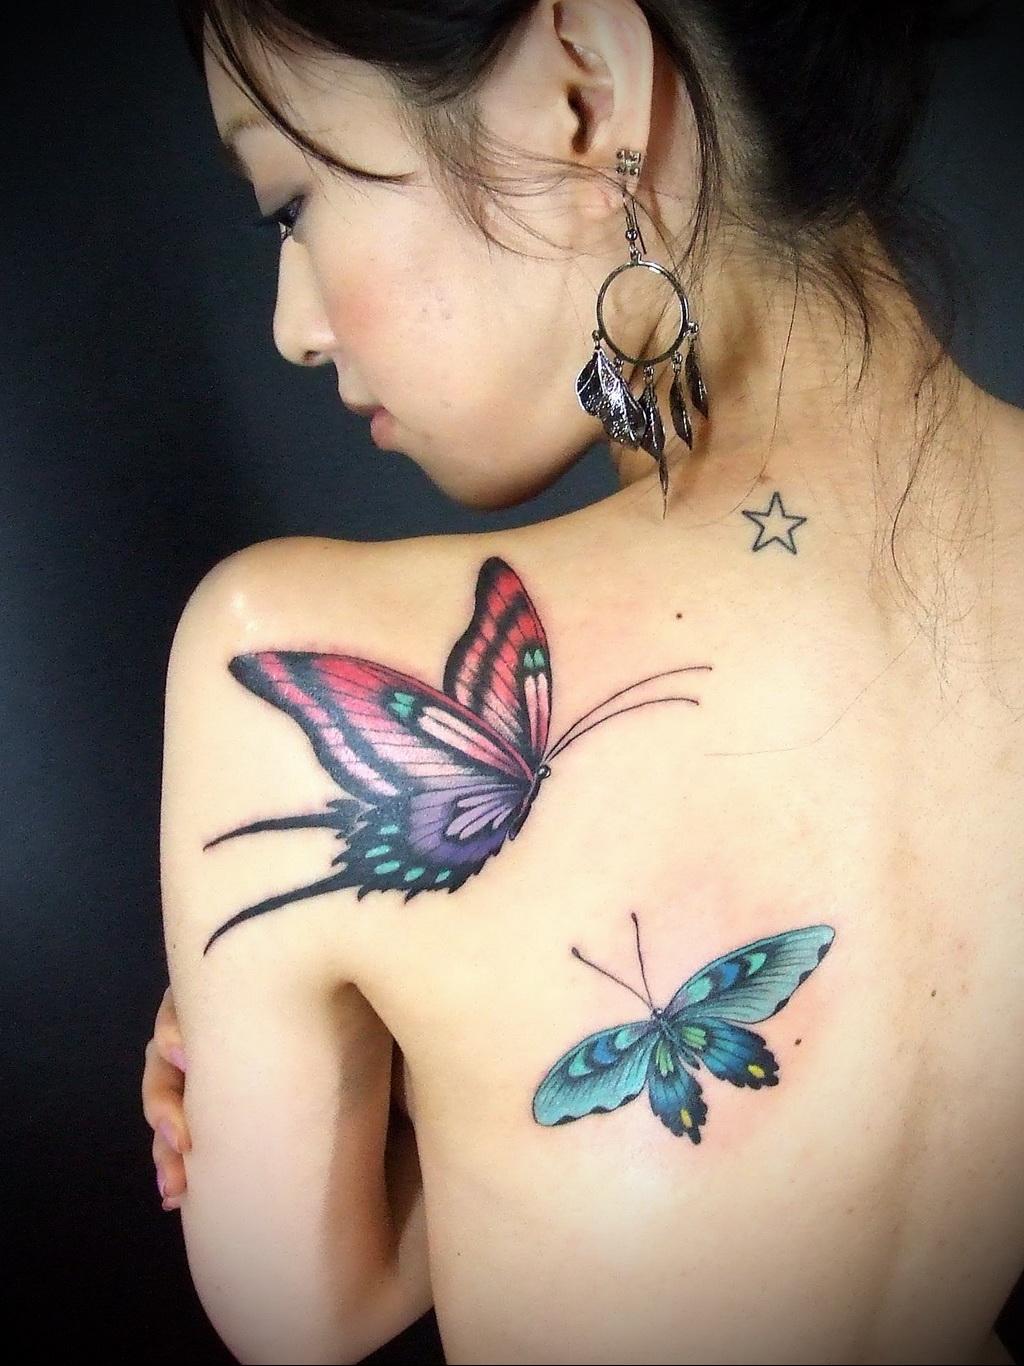 Значение татуировки бабочка 2